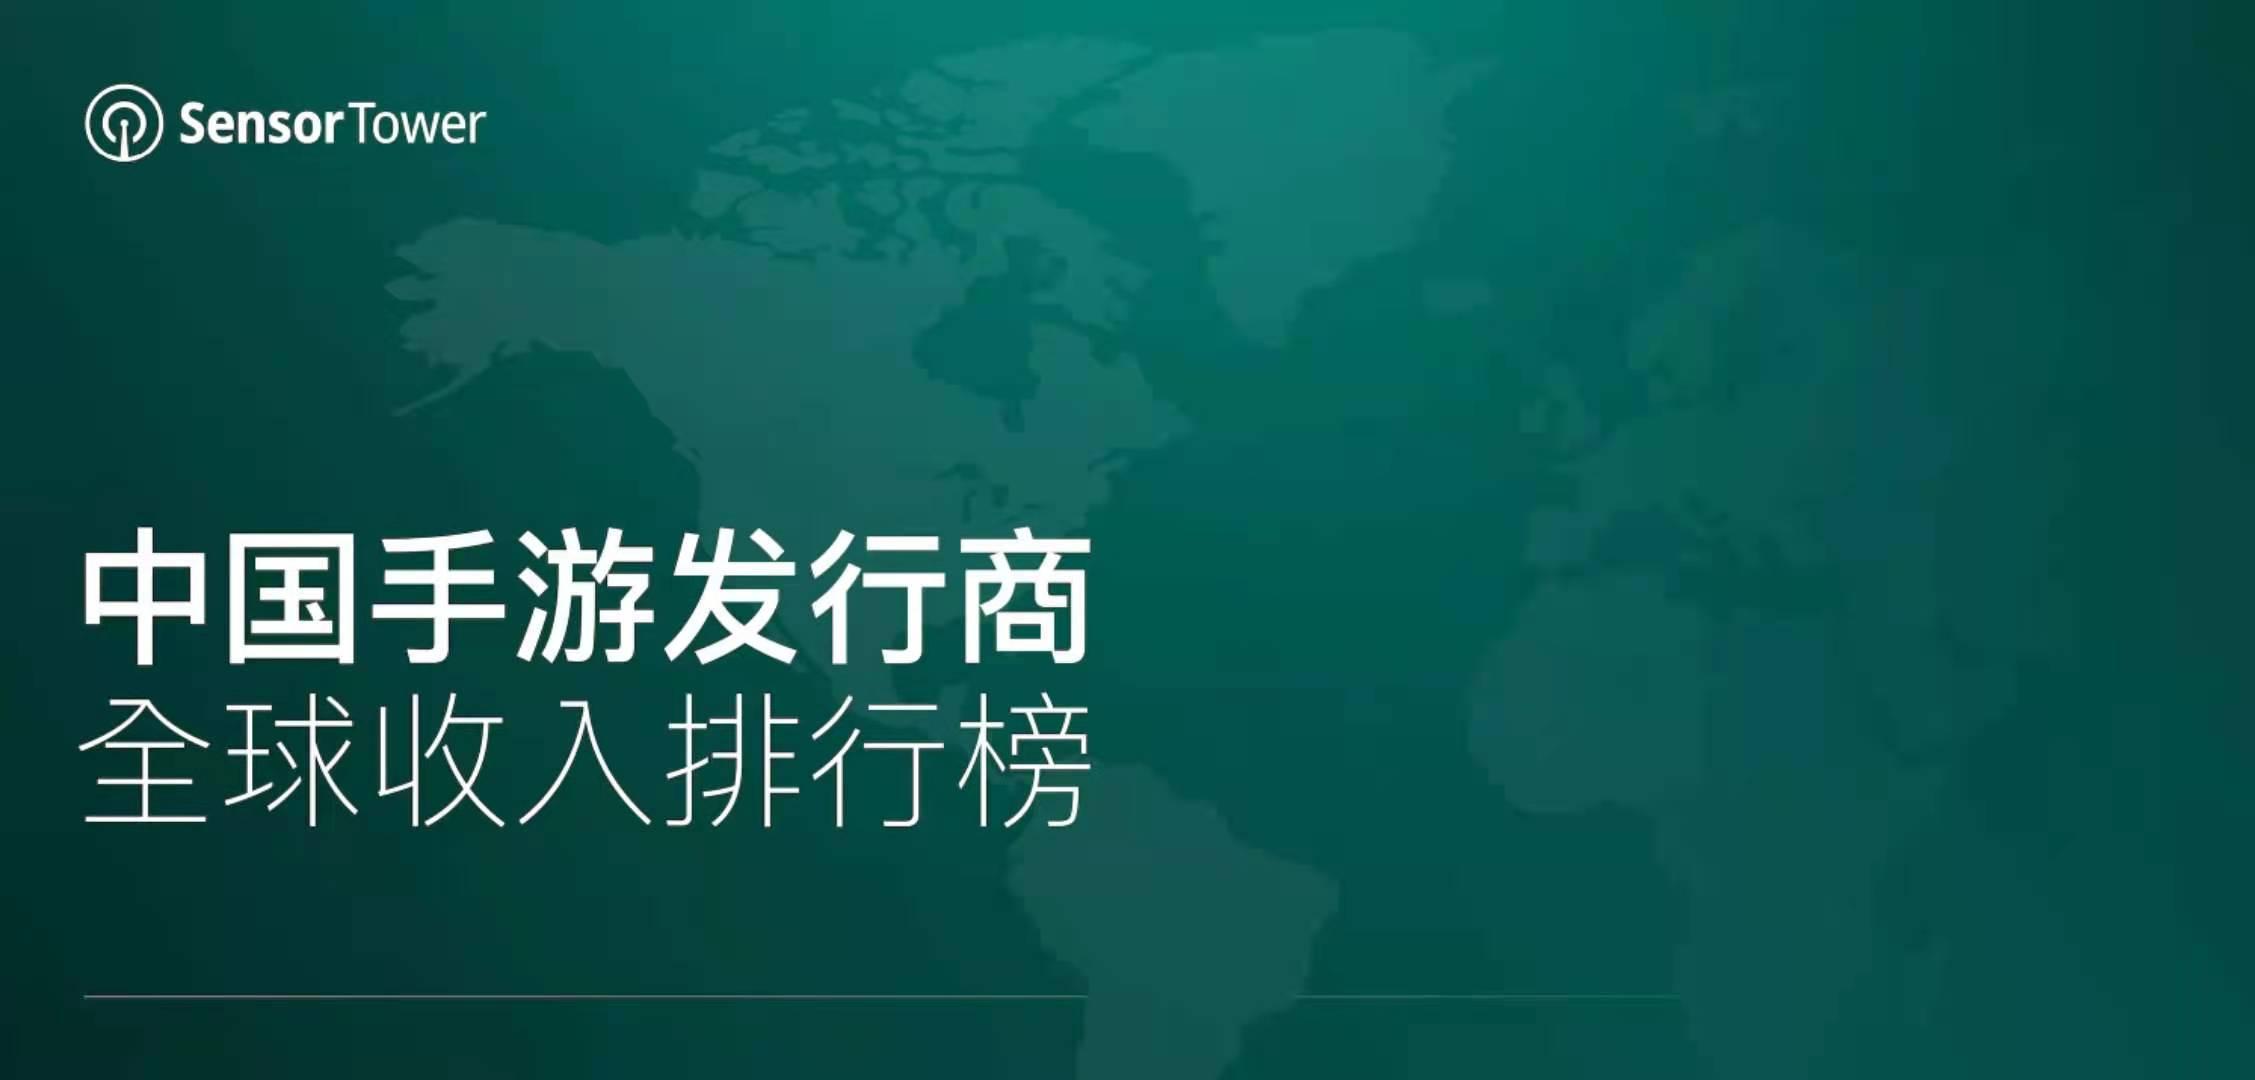 7月全球手游发行商收入TOP100:36家中国厂商入围,收入占比39.1%